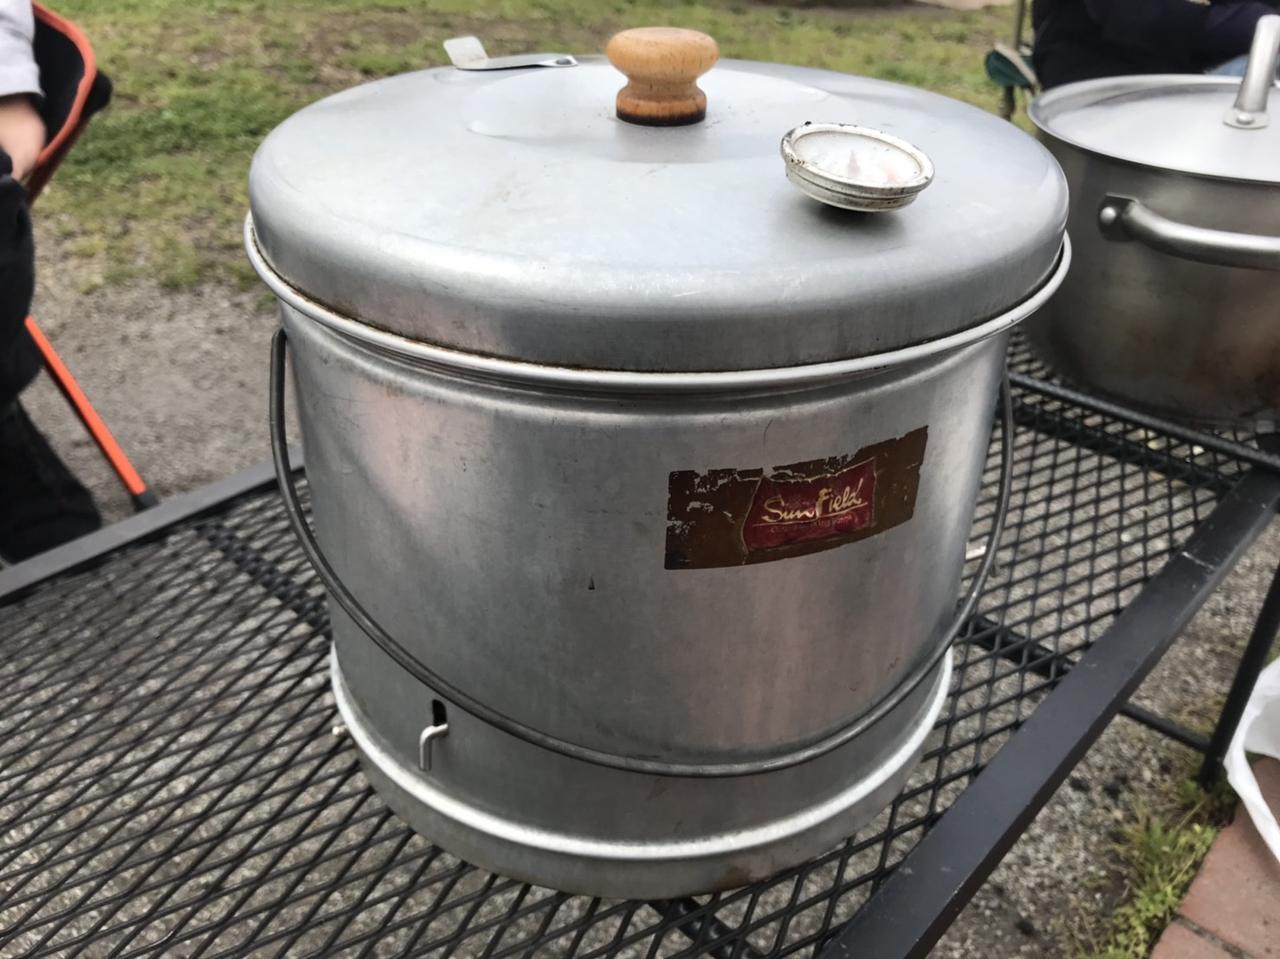 画像2: 燻製チャーシューは燻製器がなくても作れる! 豚バラブロックが収まるサイズの蓋付き鍋でOK